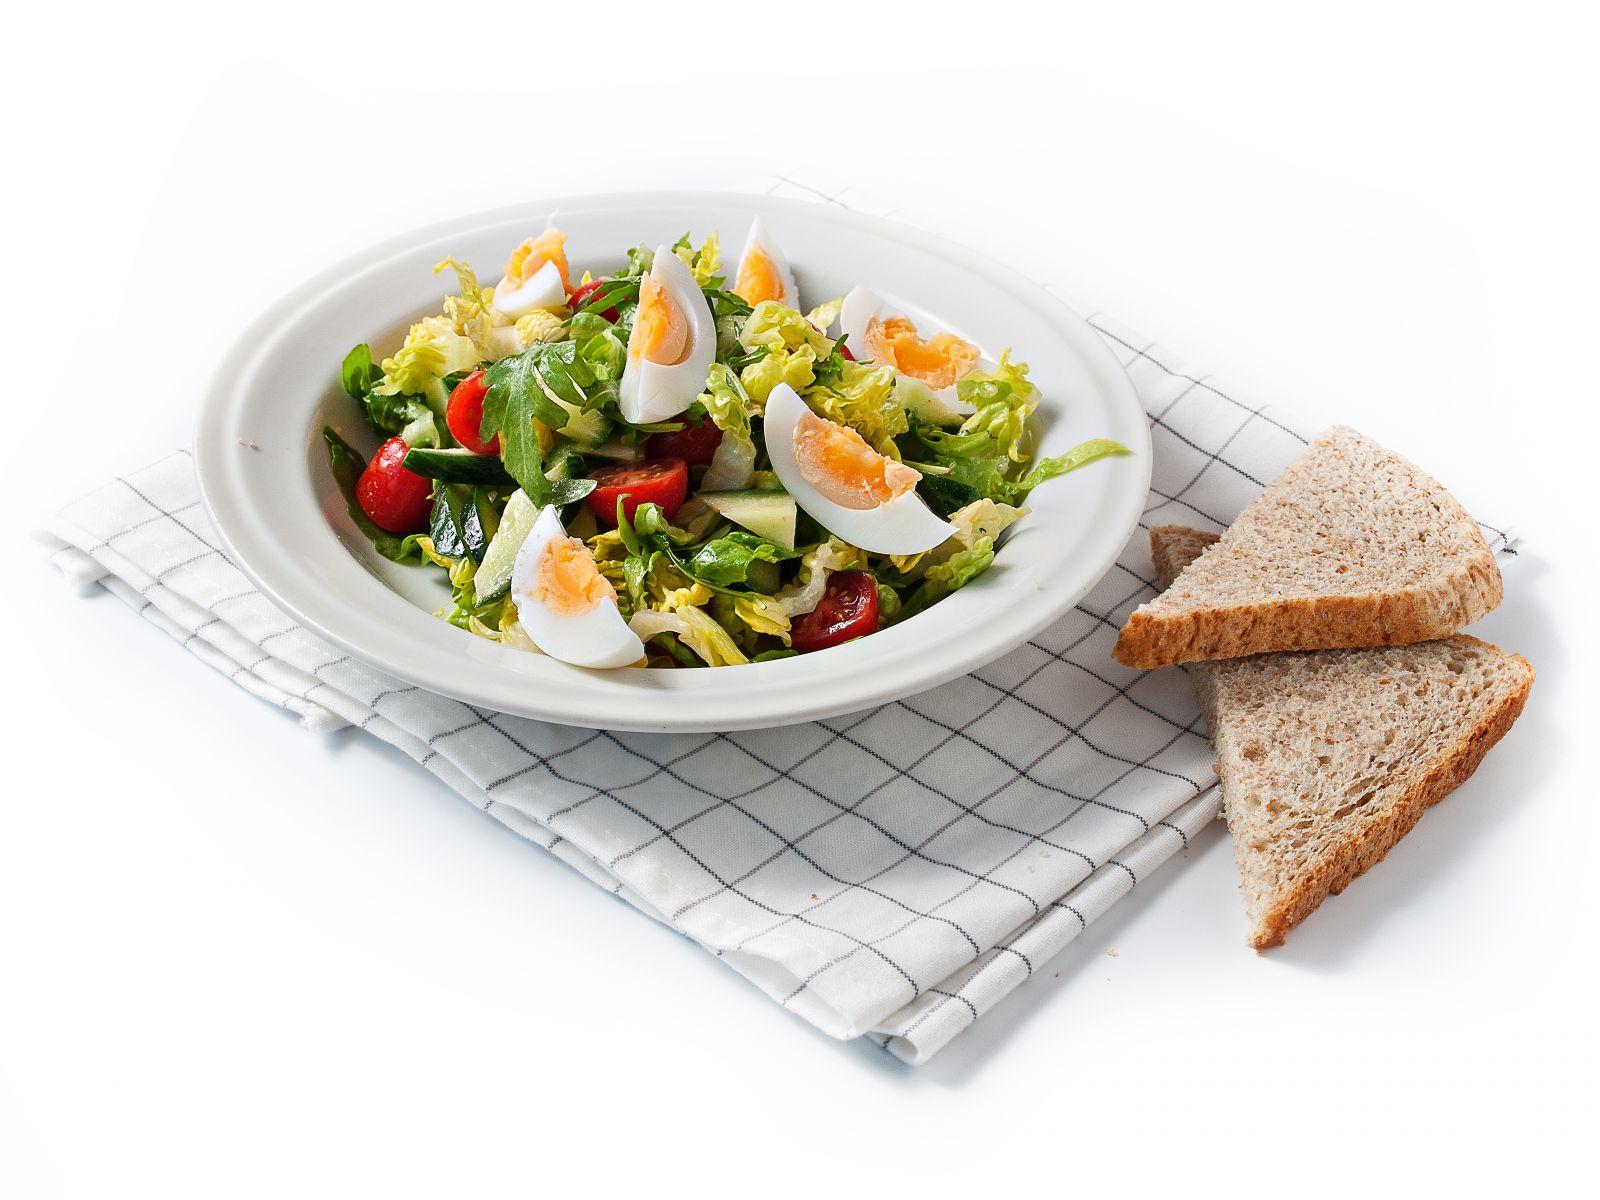 Zeleninový salát s vejcem a hořčičným dresinkem